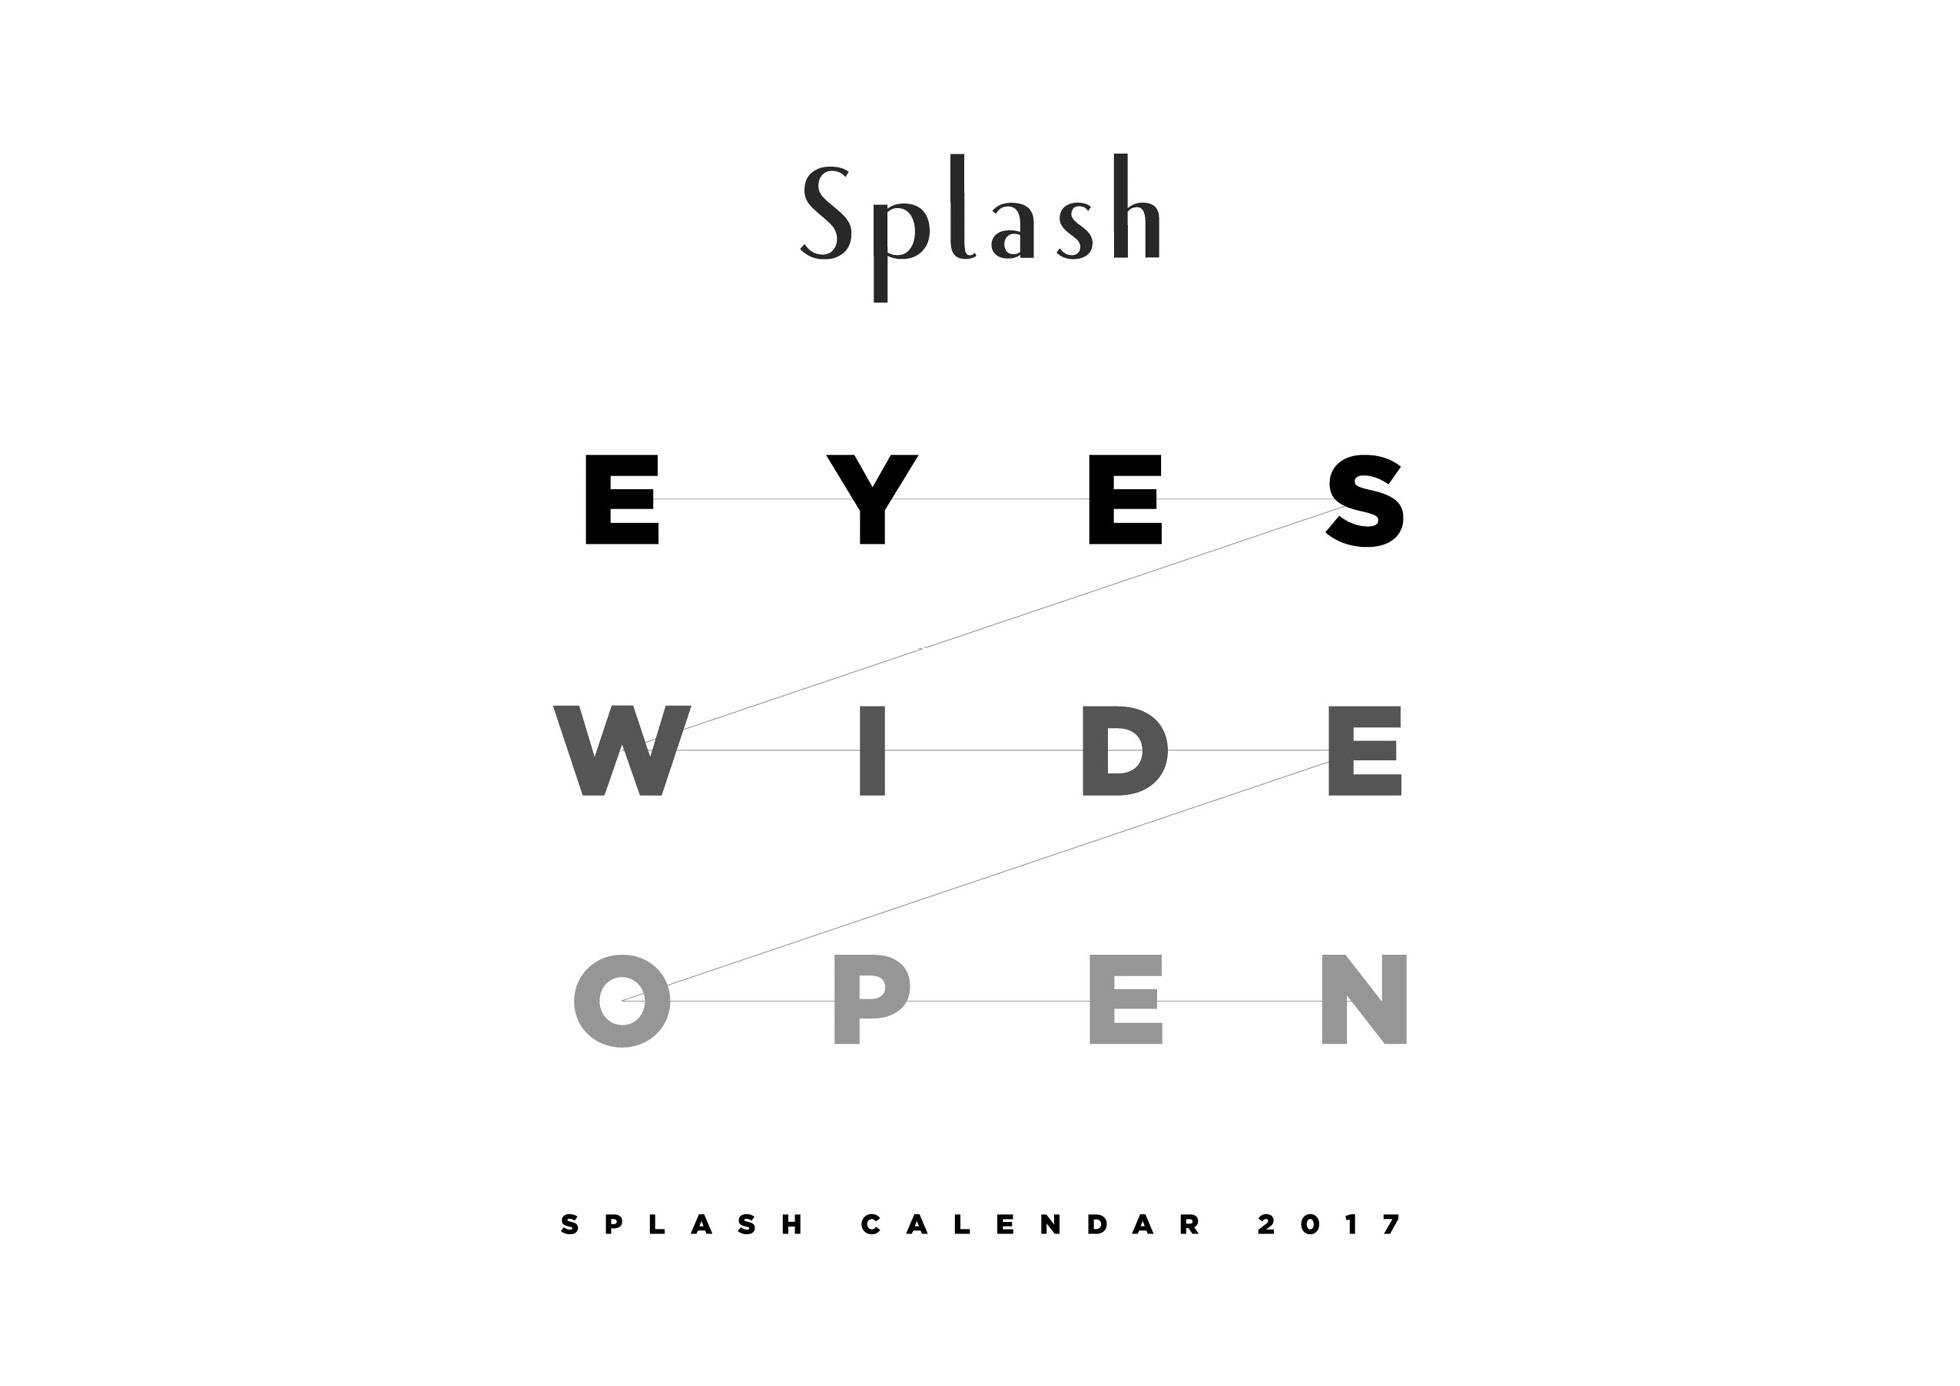 Splash Calendar 2017 - 1960 x 1386.jpg